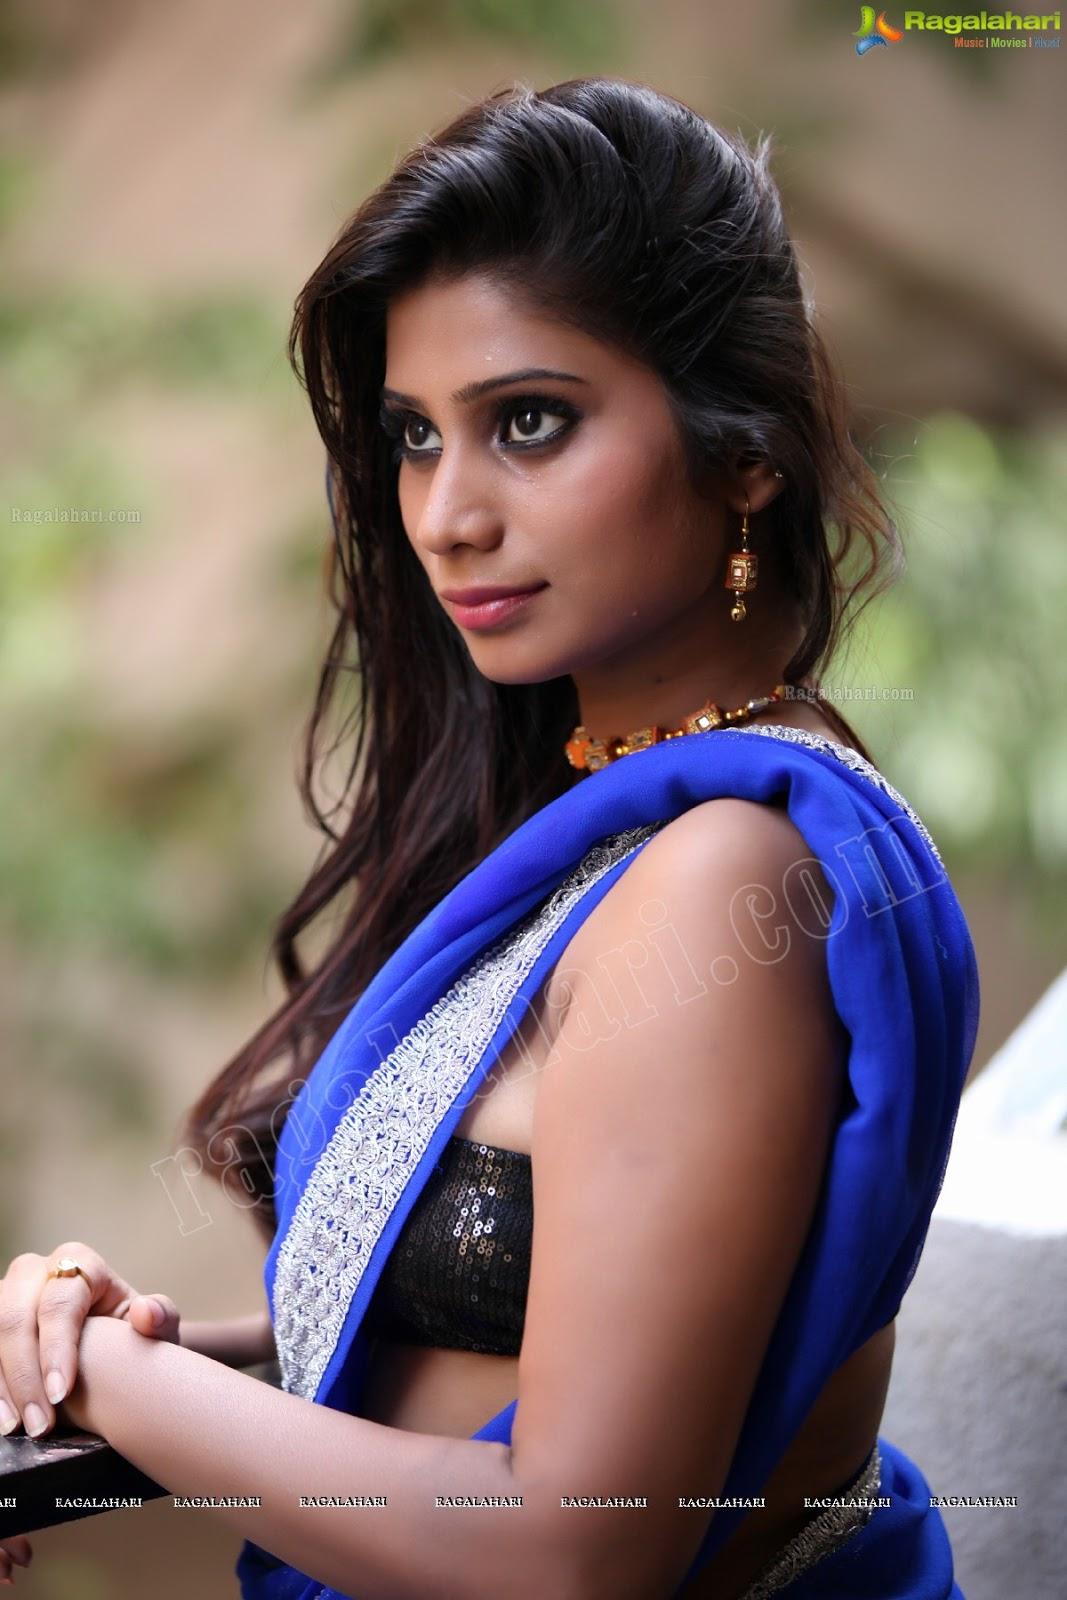 Top 100 Ful Girls Gujarat Beautiot Sexy Photos Free -7494